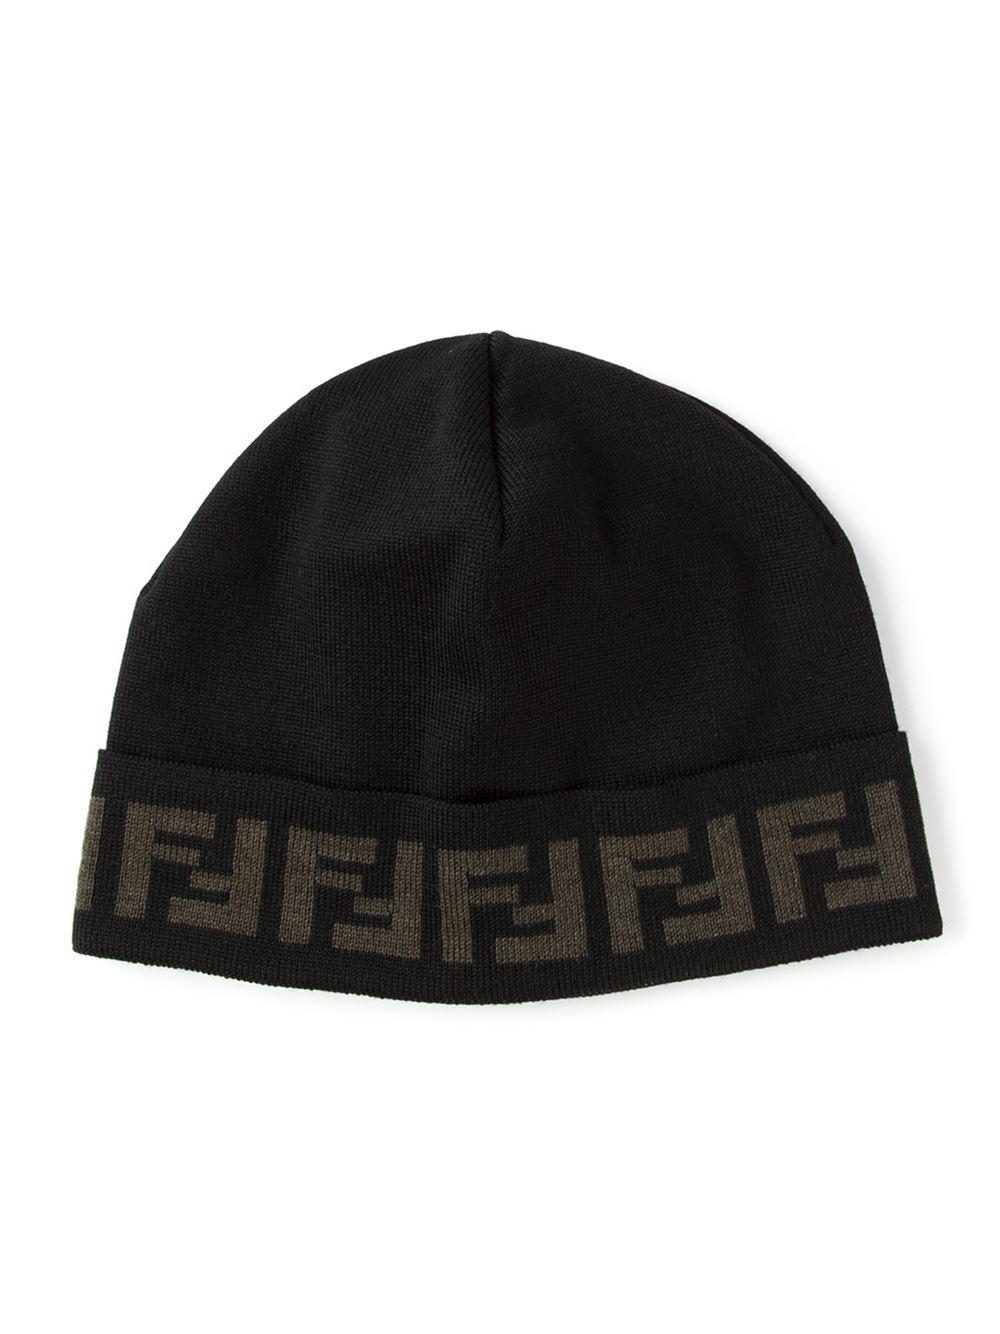 Ff Logo Tuque - Fendi Noir EXR6F